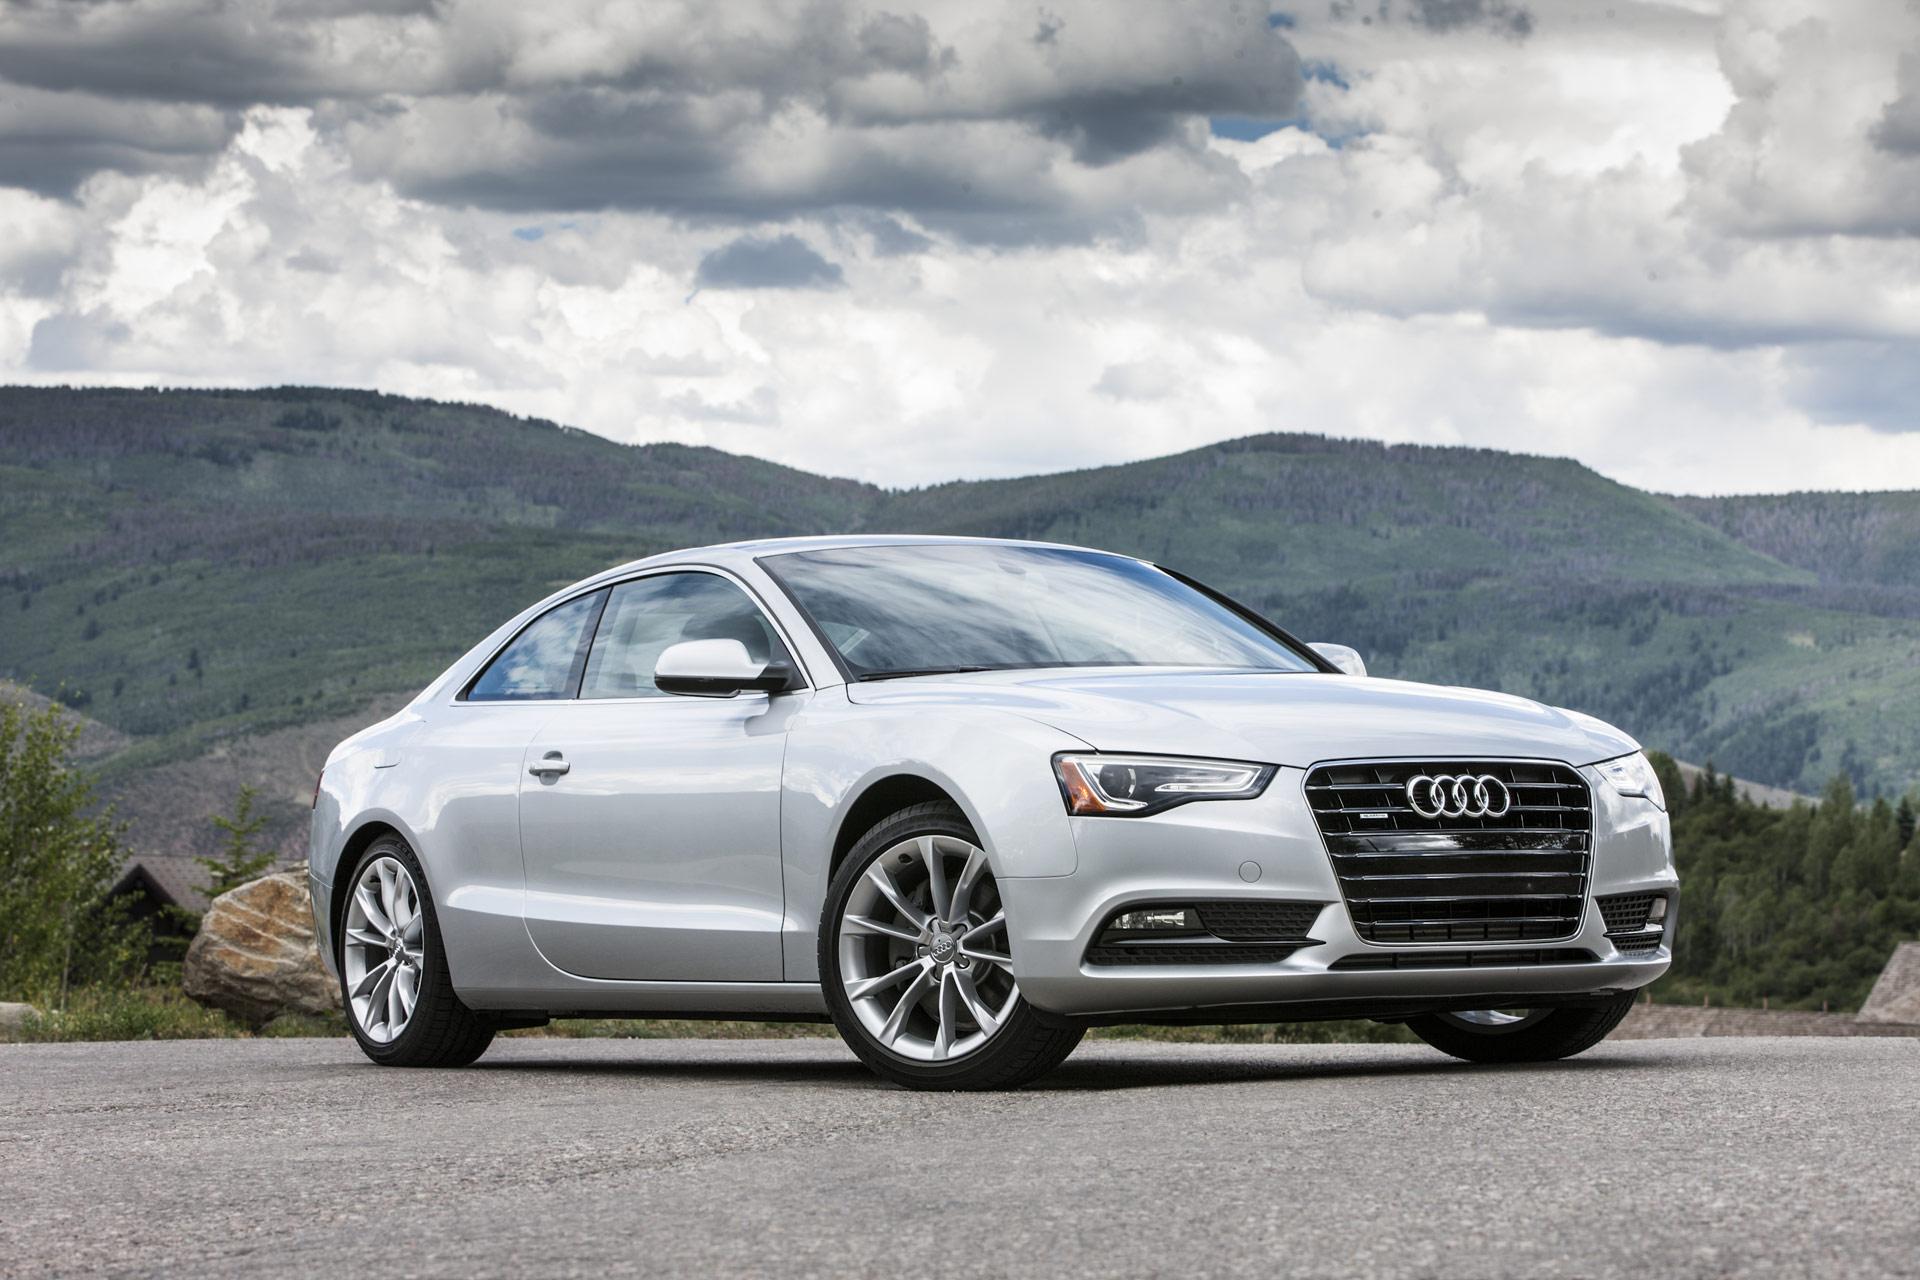 Kelebihan Audi A5 2013 Perbandingan Harga